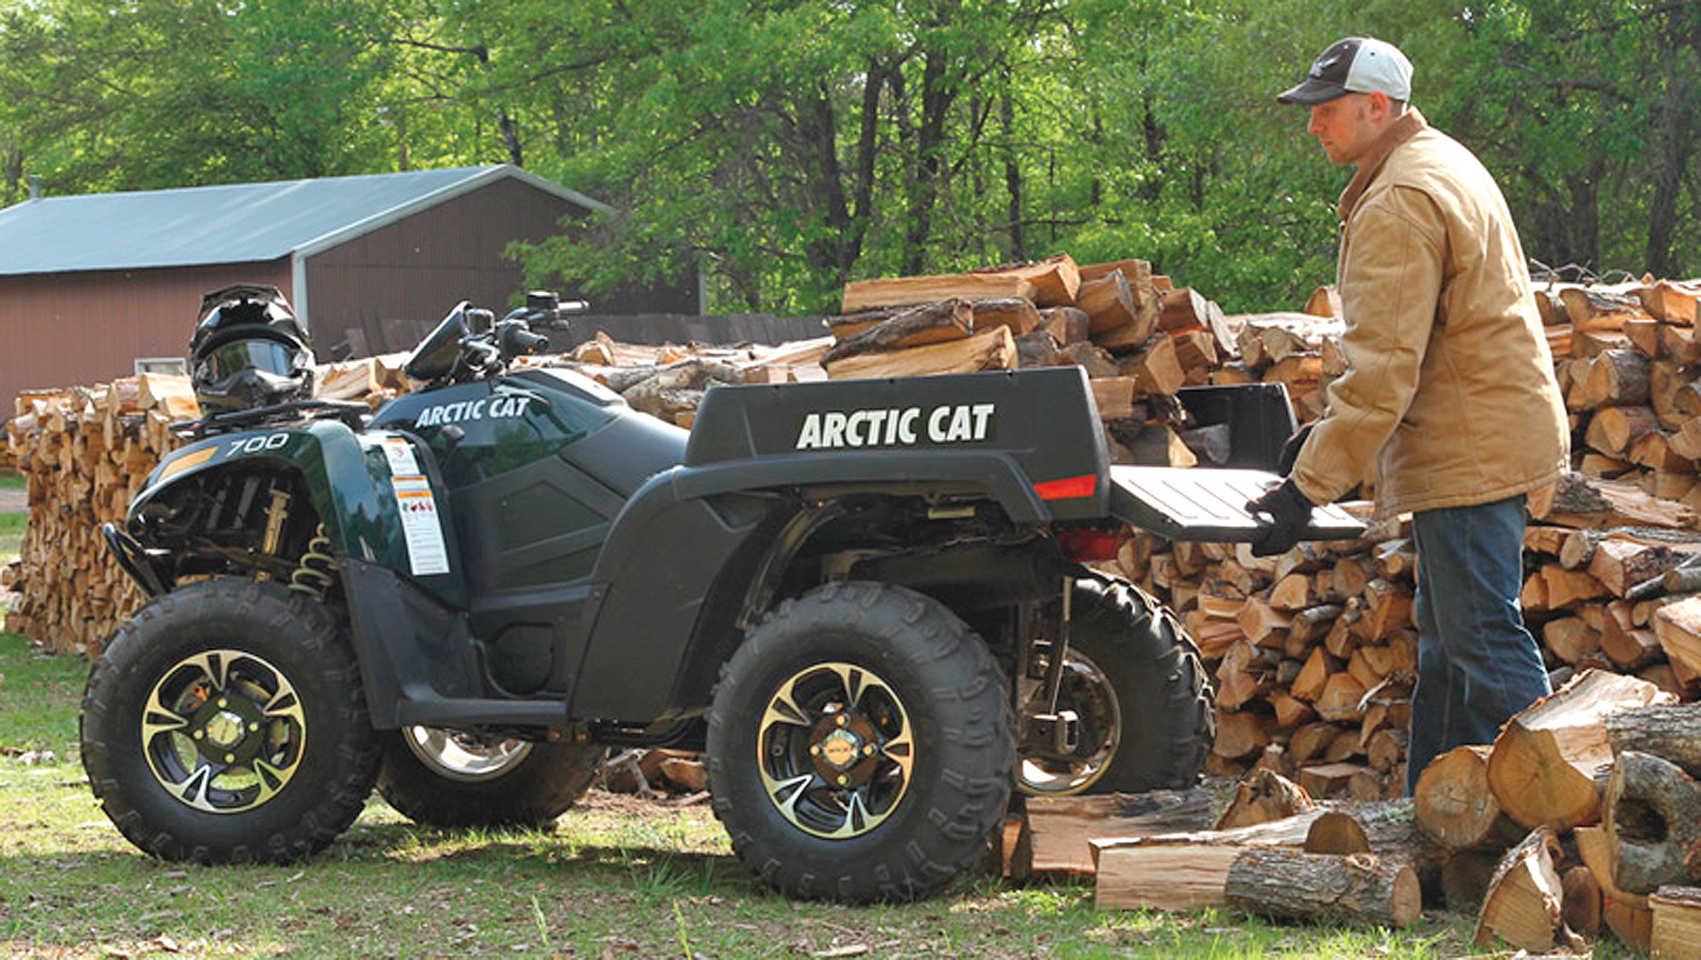 Arctic Cat Green Texture